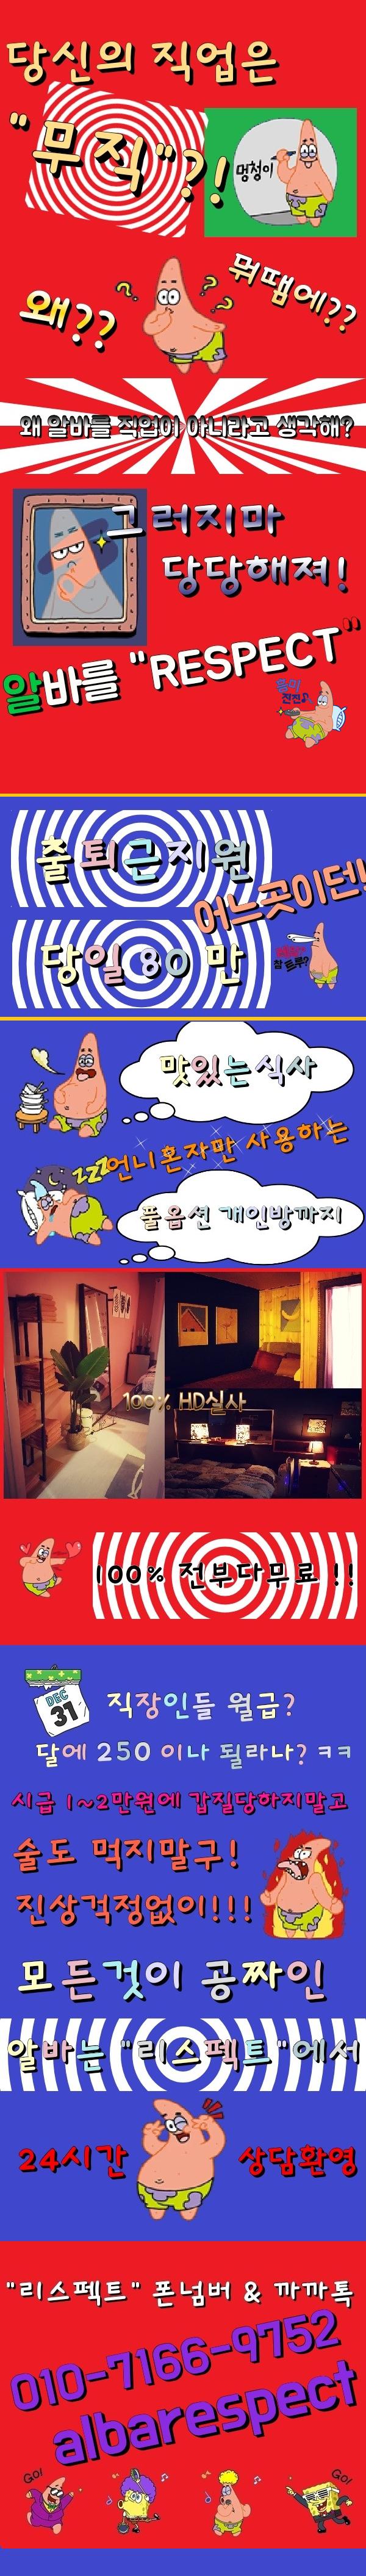 밤알바,유흥알바,룸알바 - 나나알바- fox2.kr